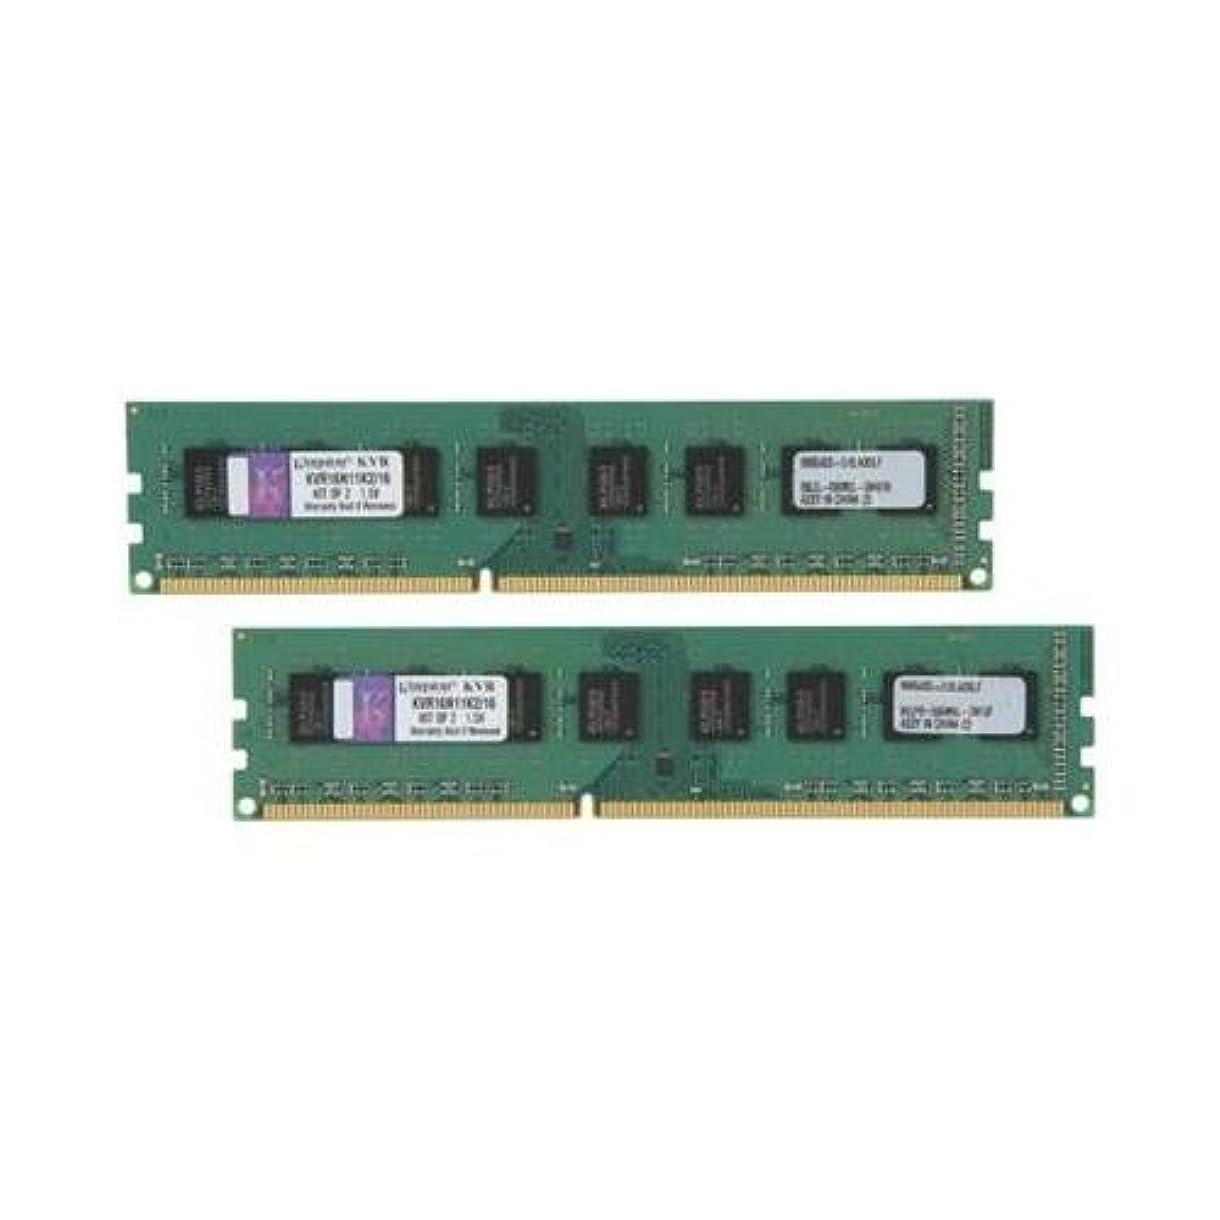 パースブラックボロウ提供する呪われたKingston Valueram 16?GB ddr3?SDRAMメモリモジュール?–?16?GB (2?x 8?GB)?–?ddr3?SDRAM?–?1600?MHz?–?non - ECC Unbuffered?–?240?–?DIMM kvr16?N11?K2?/ 16